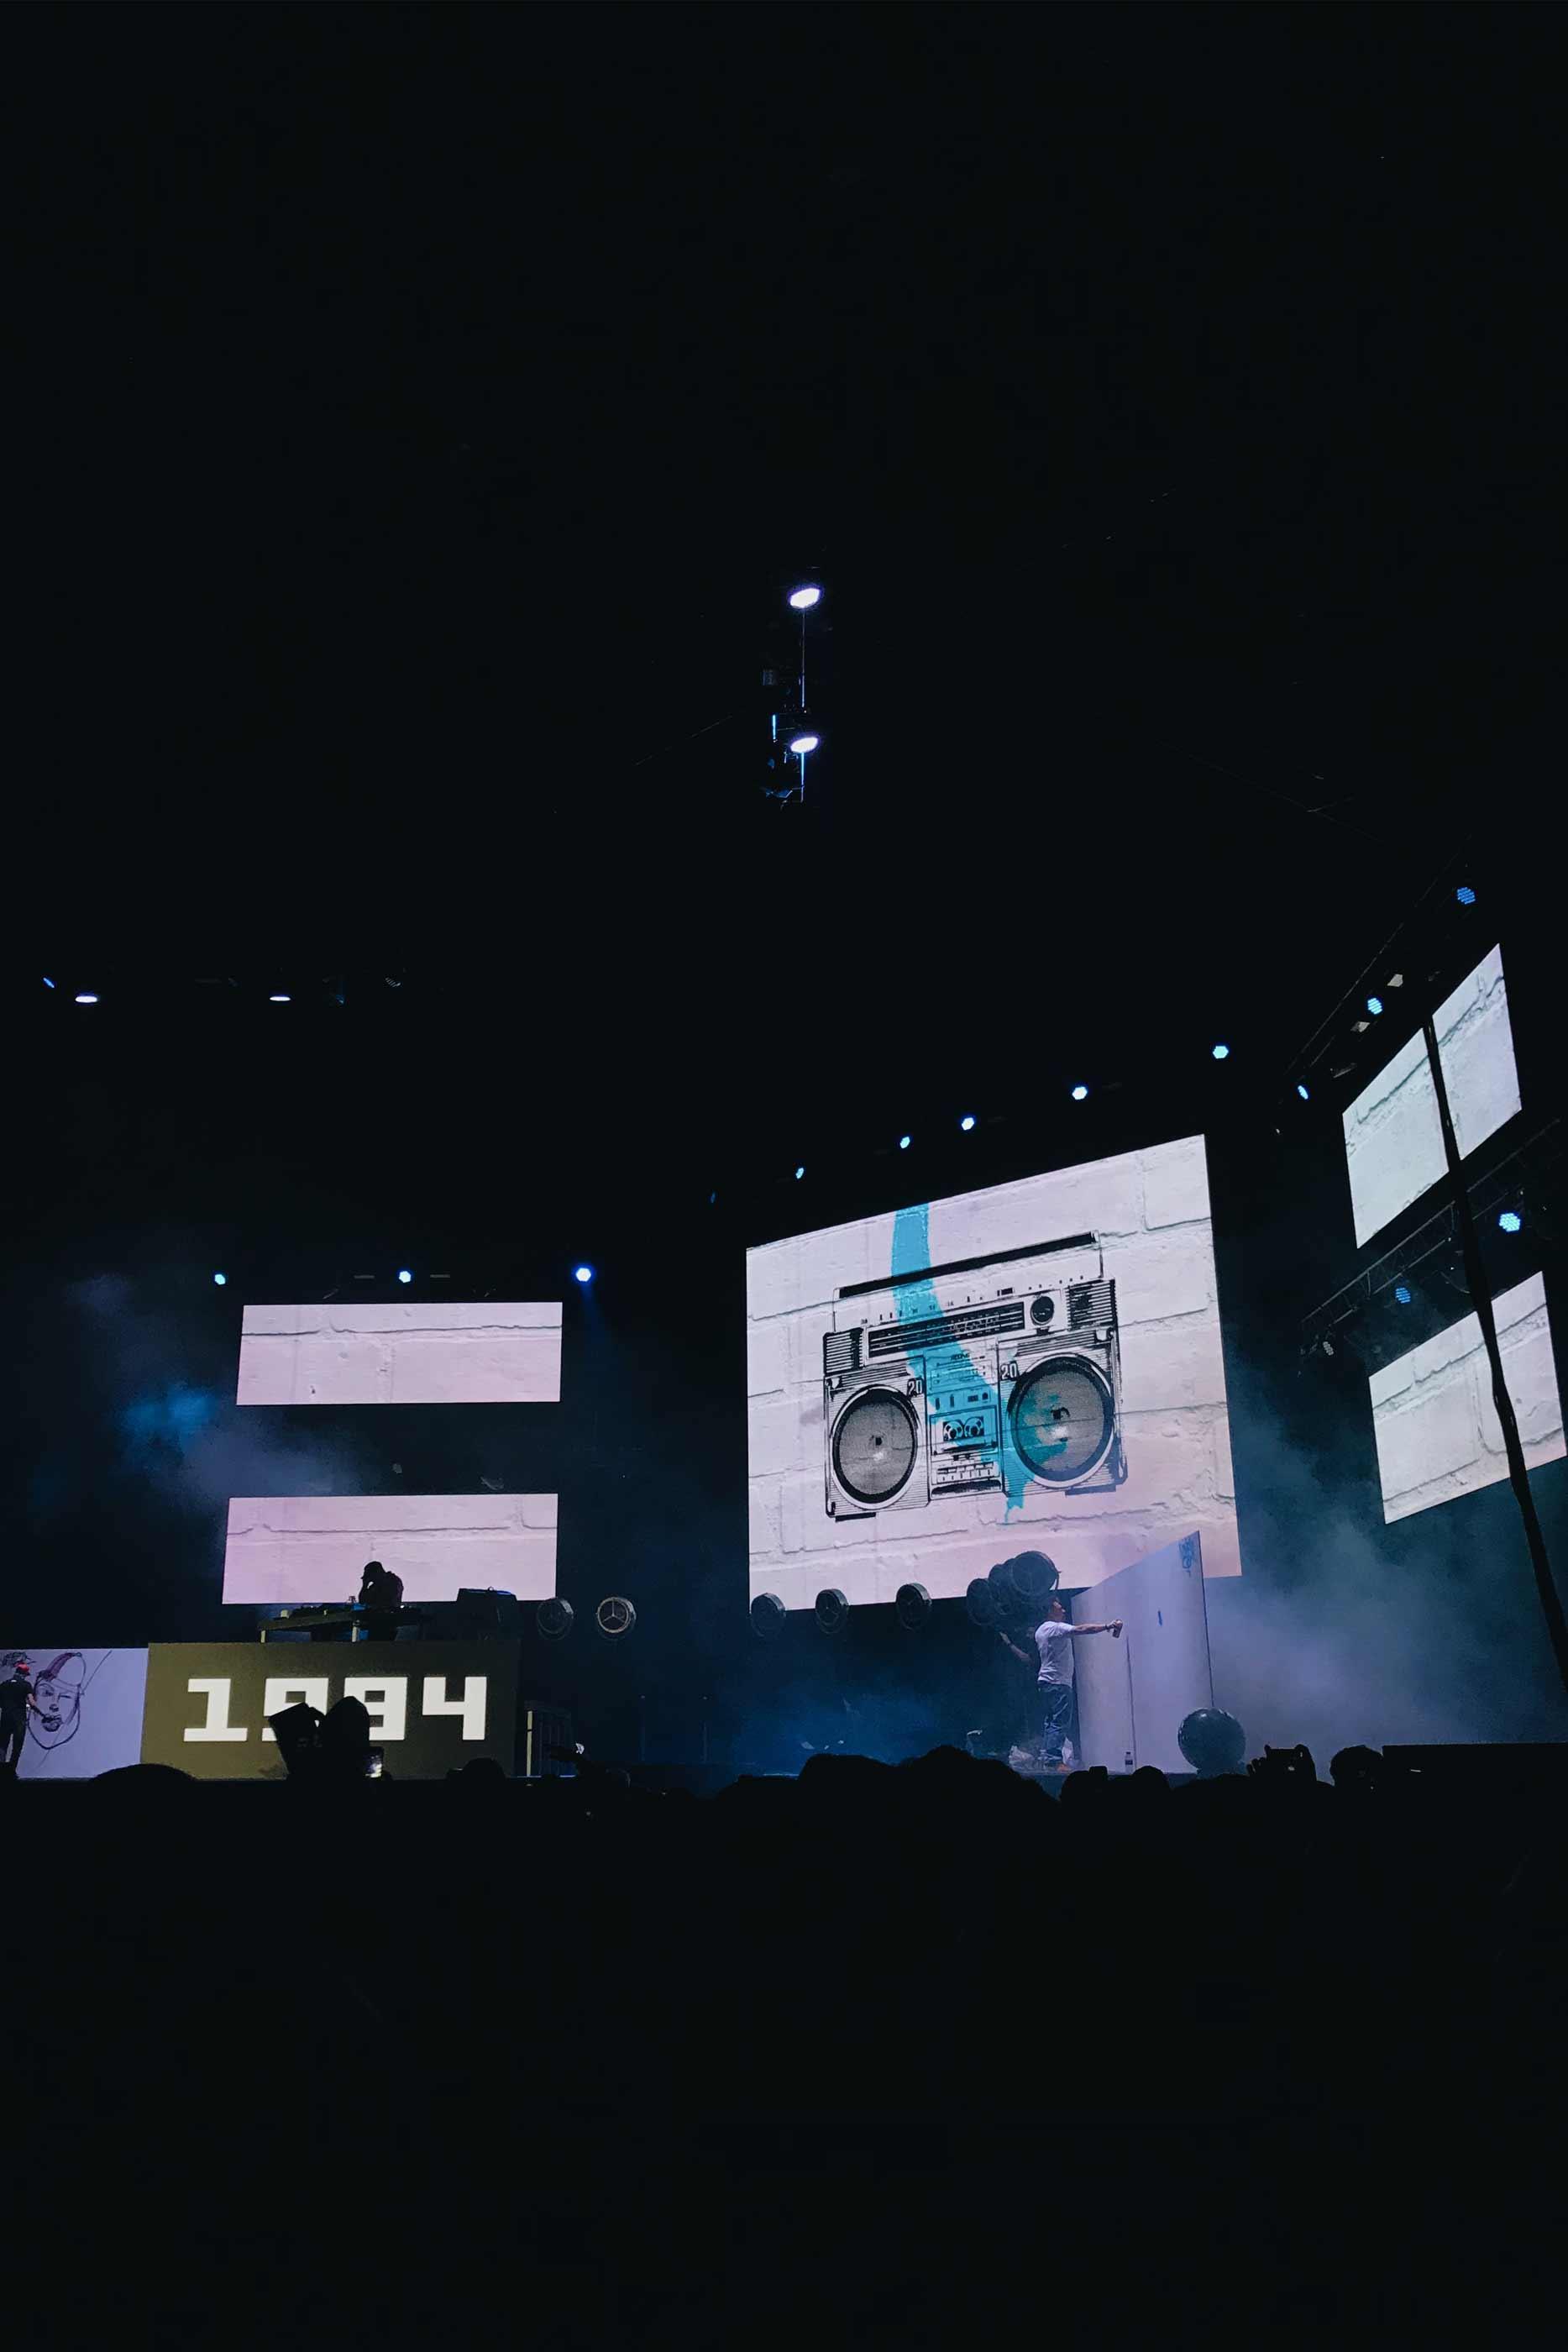 """Imagem parcial do palco, ecrãs luminosos com projeções de rádio e do ano de """"1994"""""""